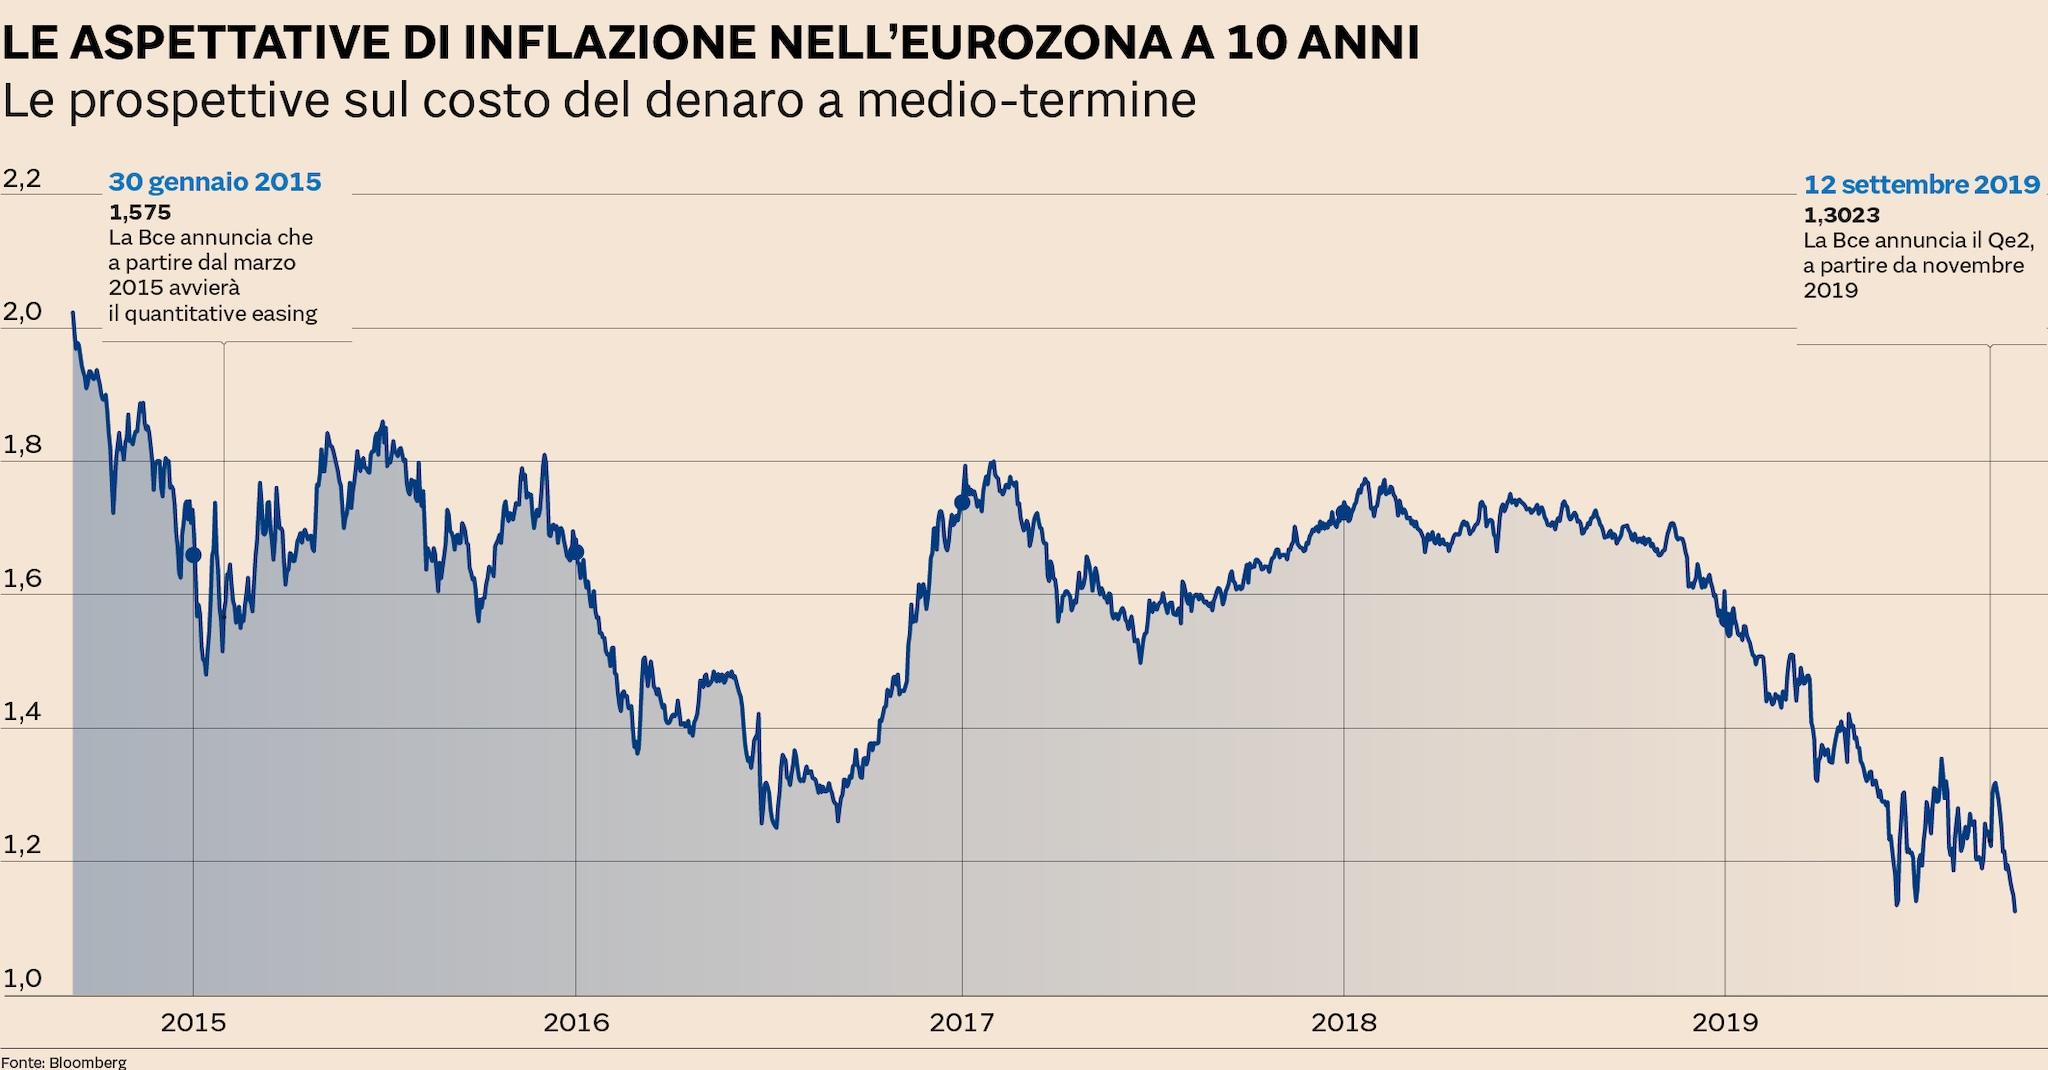 inflazione eurozona, ritaglio del sole 24 ore